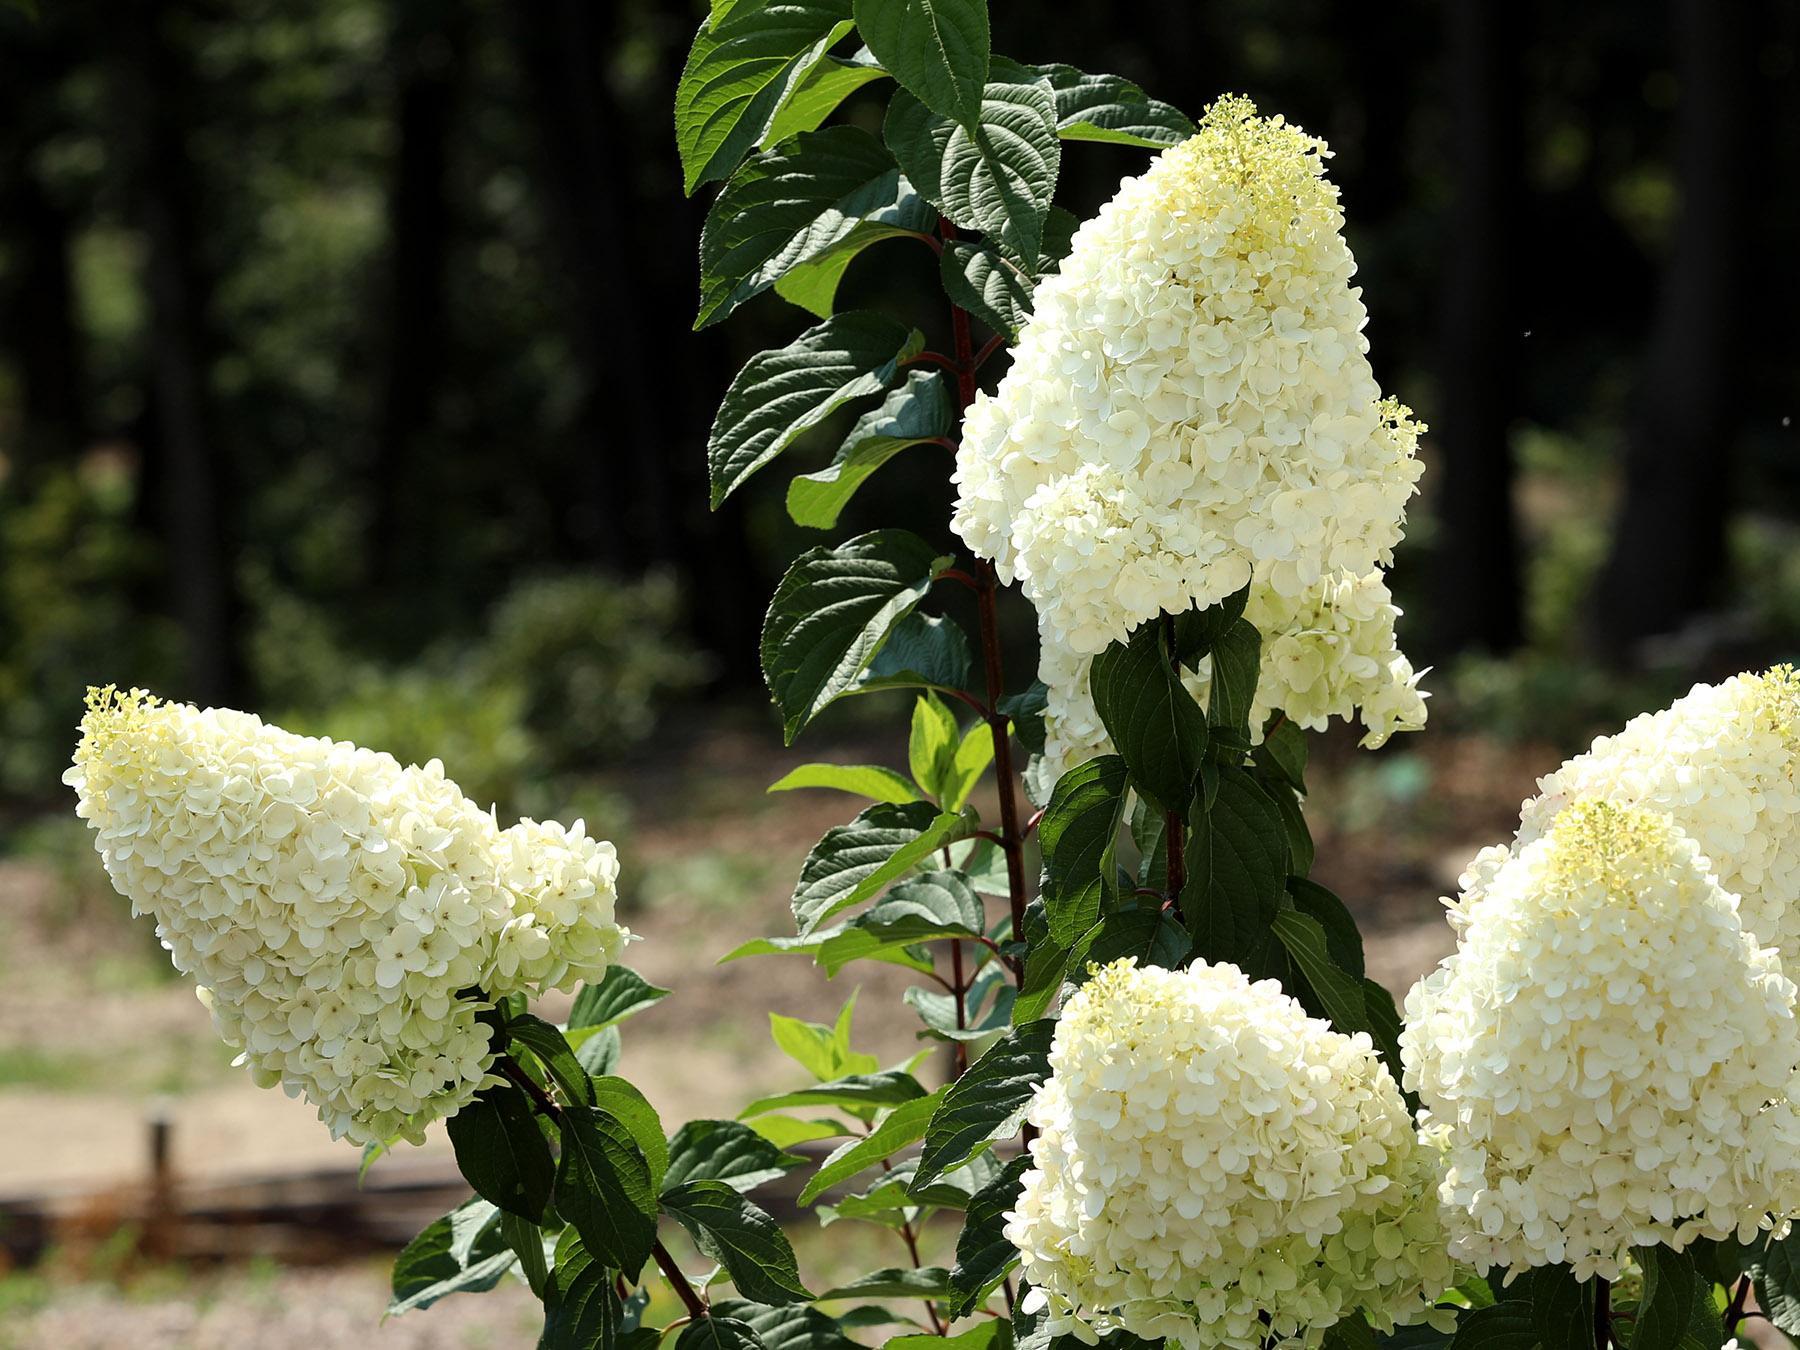 Uprawa hortensji bukietowej - uprawa, cięcie, przesadzanie, pielęgnacja i odmiany